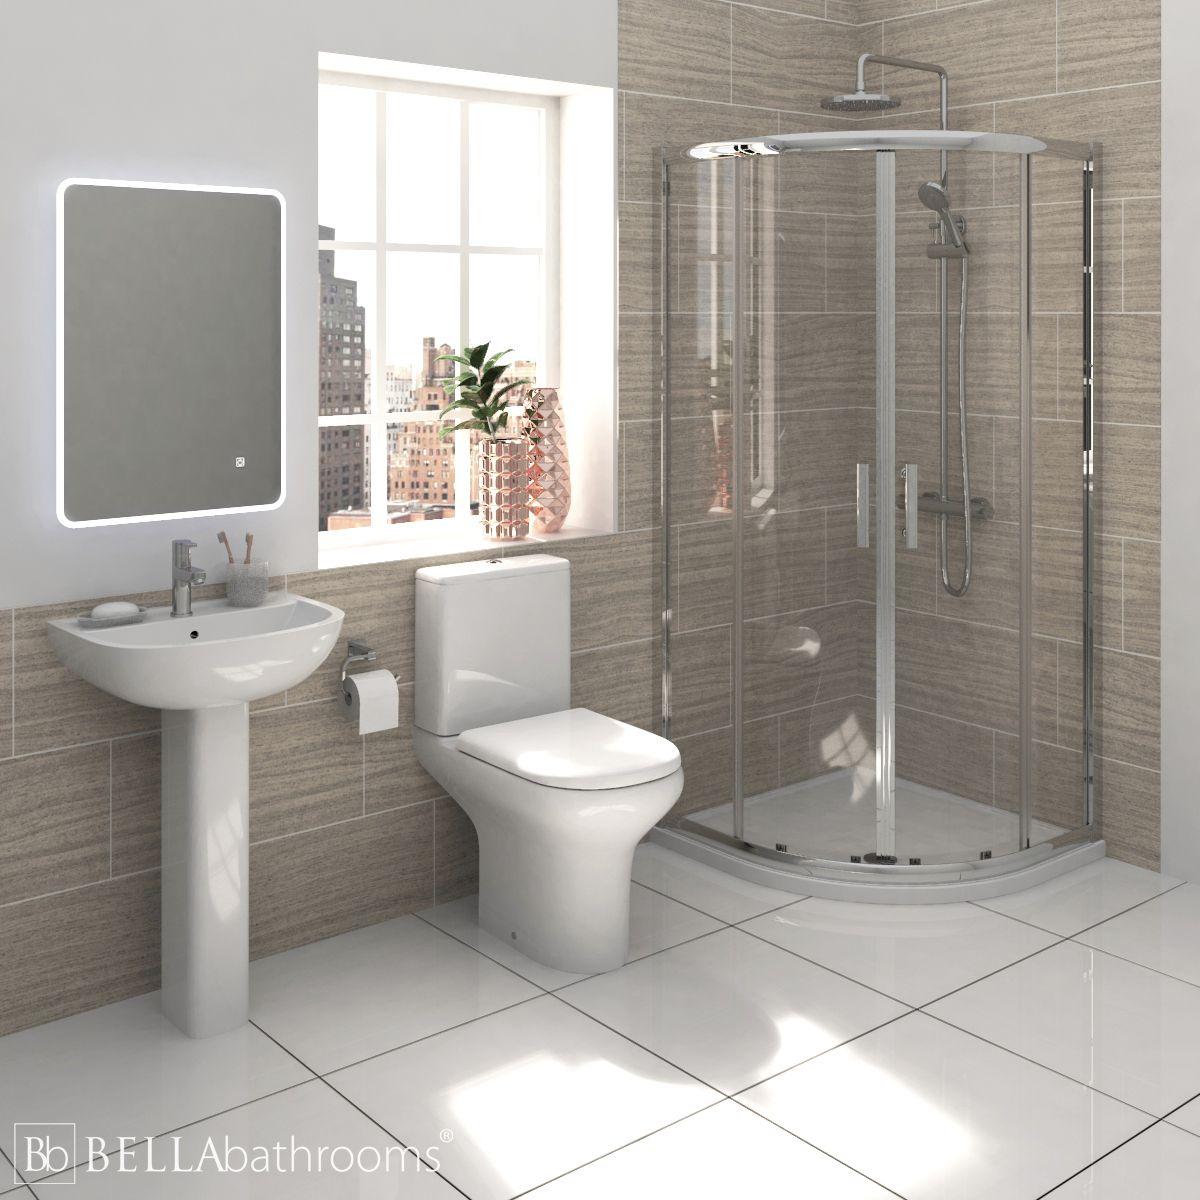 RAK Compact Shower Suite with Pacific Quadrant Shower Enclosure